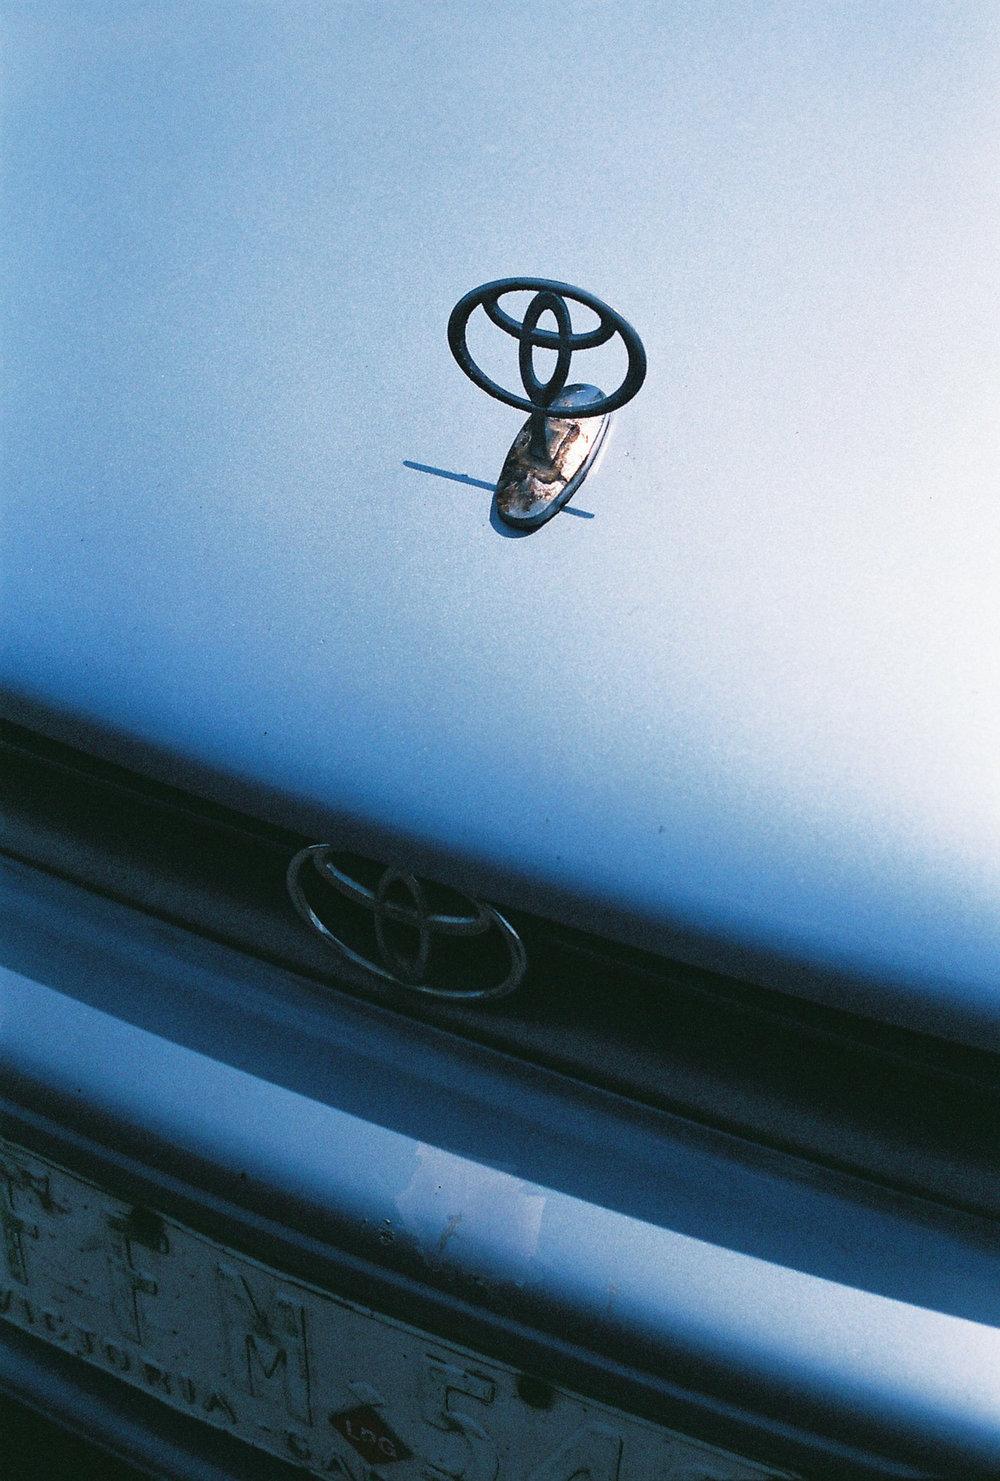 photography suburb melbourne car blue